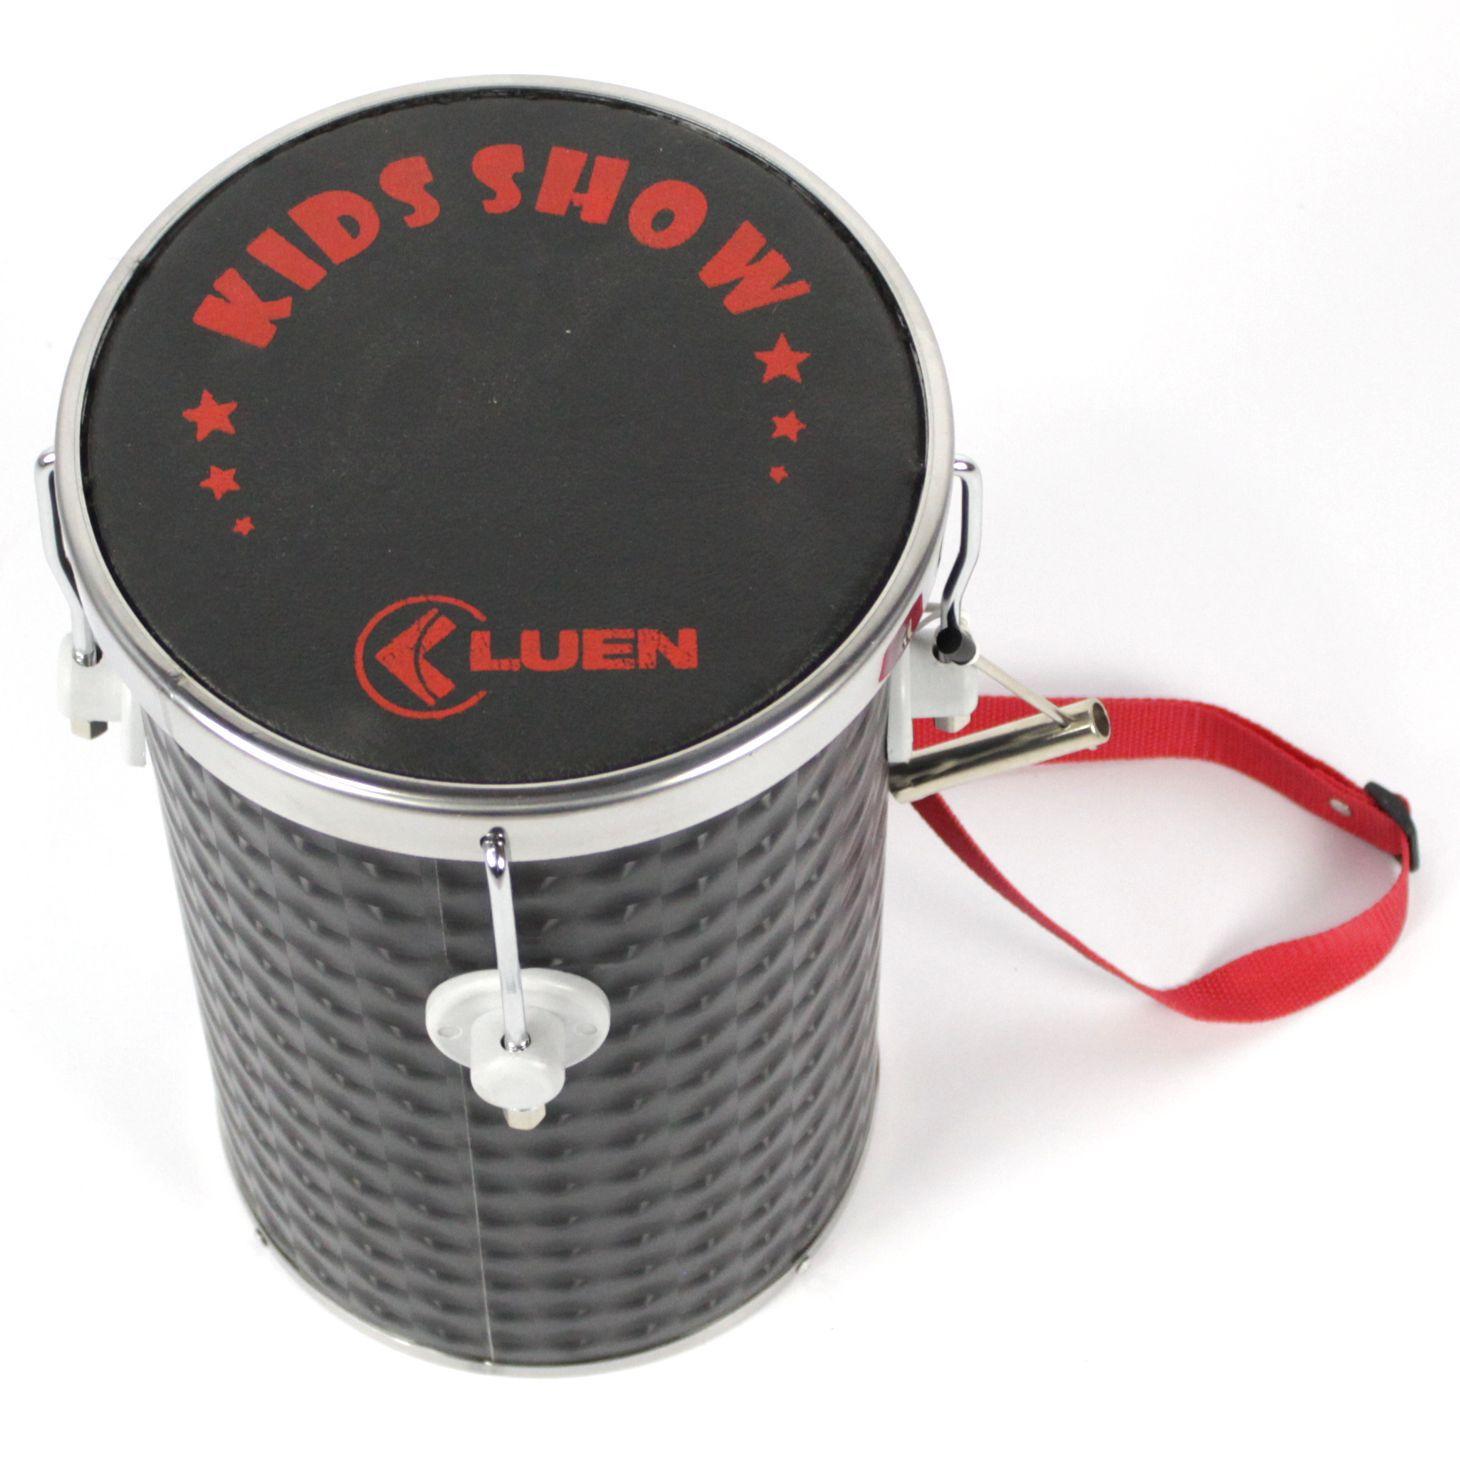 Rebolo Infantil Luen KIDS SHOW 35 X 08